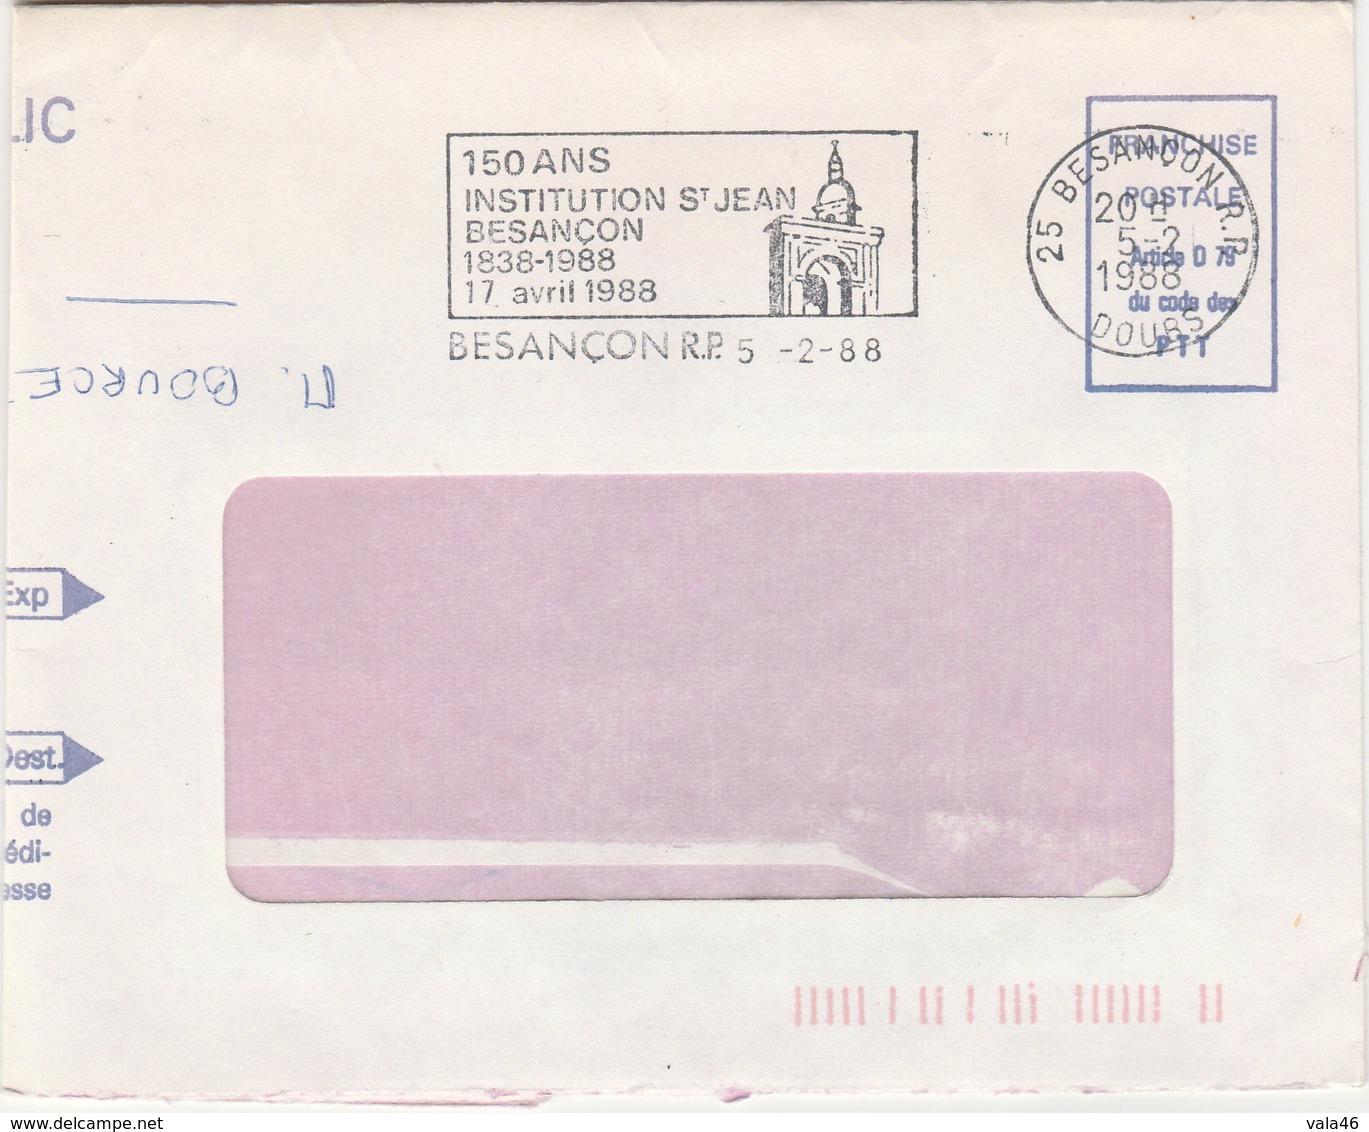 BESANCON  25 DOUBS  FLAMME  150 ANS  INSTITUTION ST JEAN SUR ENVELOPPE - Marcophilie (Lettres)